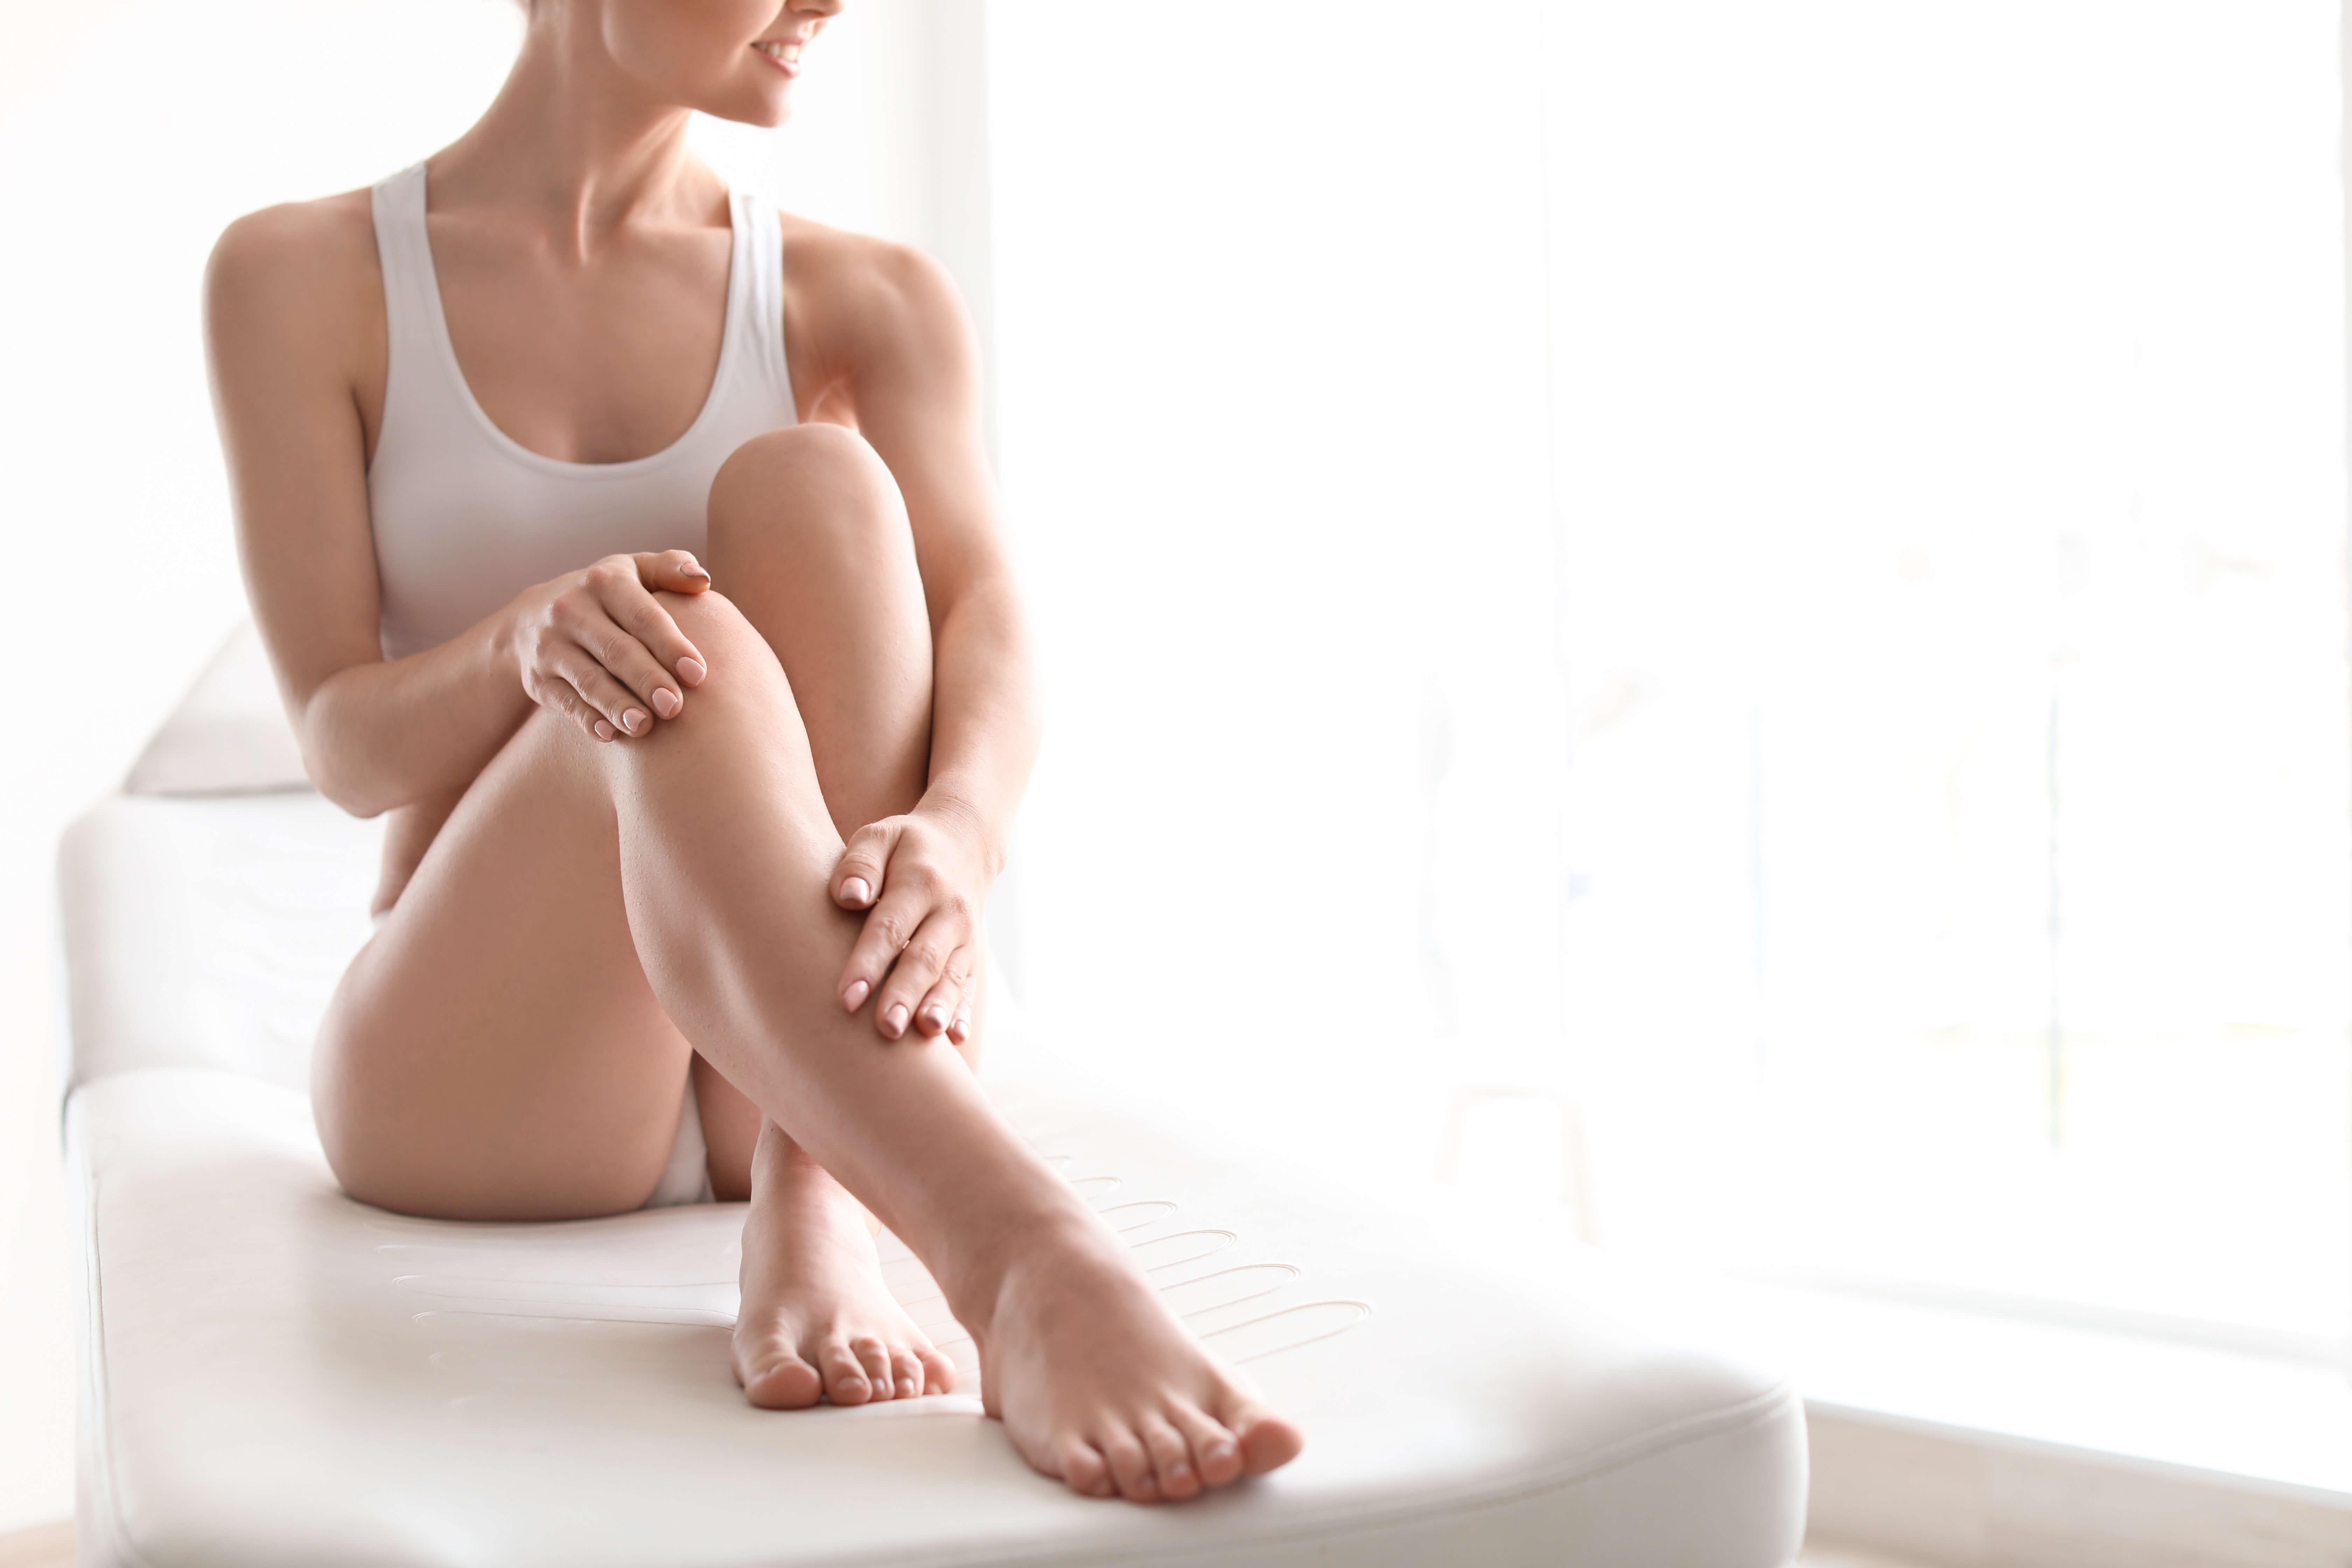 Knopper på benene røde 17 almindelige